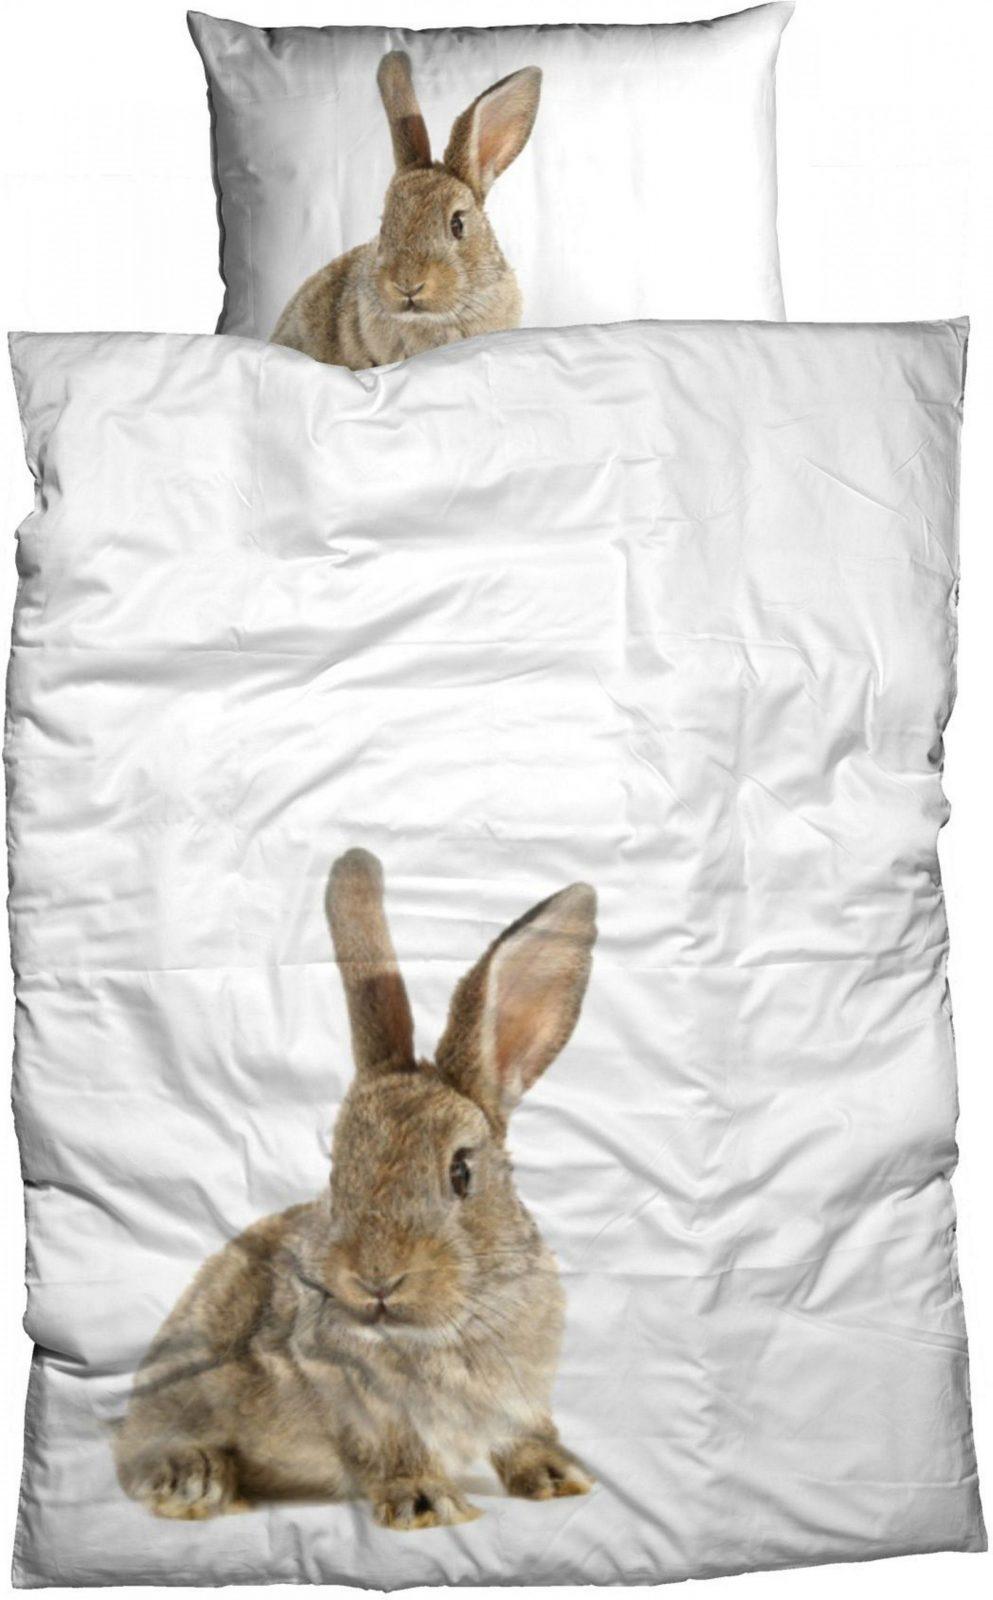 Bettwäsche Casatex Hase Großes Tiermotiv Bestellen  Baur von Bettwäsche Mit Tiermotiven Photo